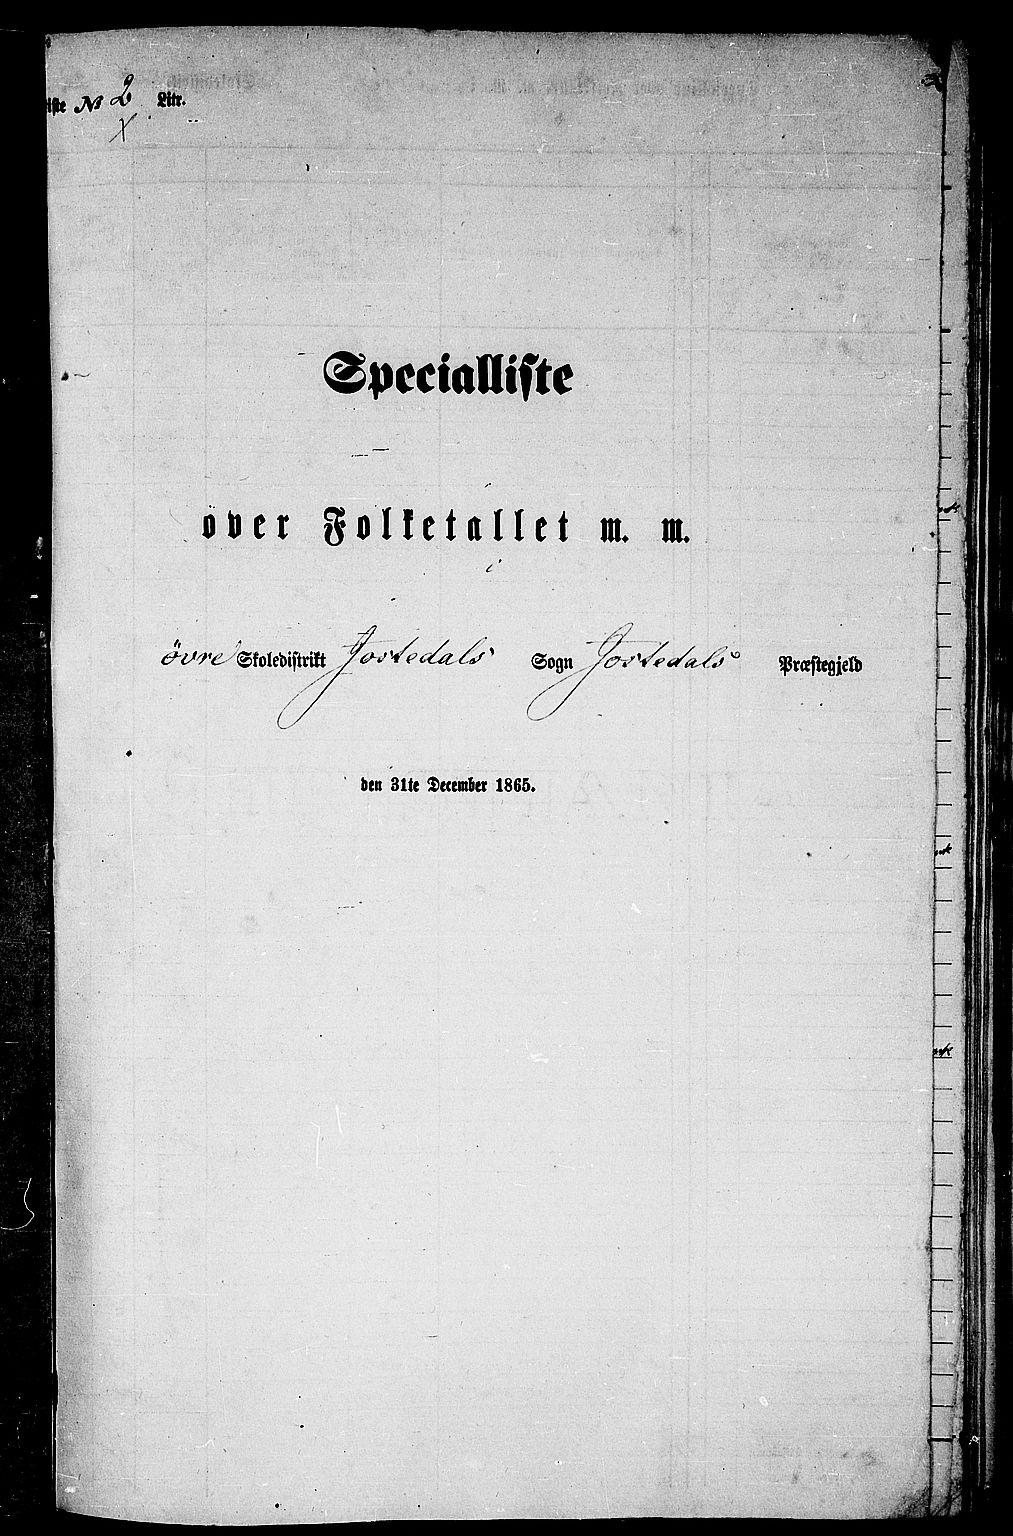 RA, Folketelling 1865 for 1427P Jostedal prestegjeld, 1865, s. 24